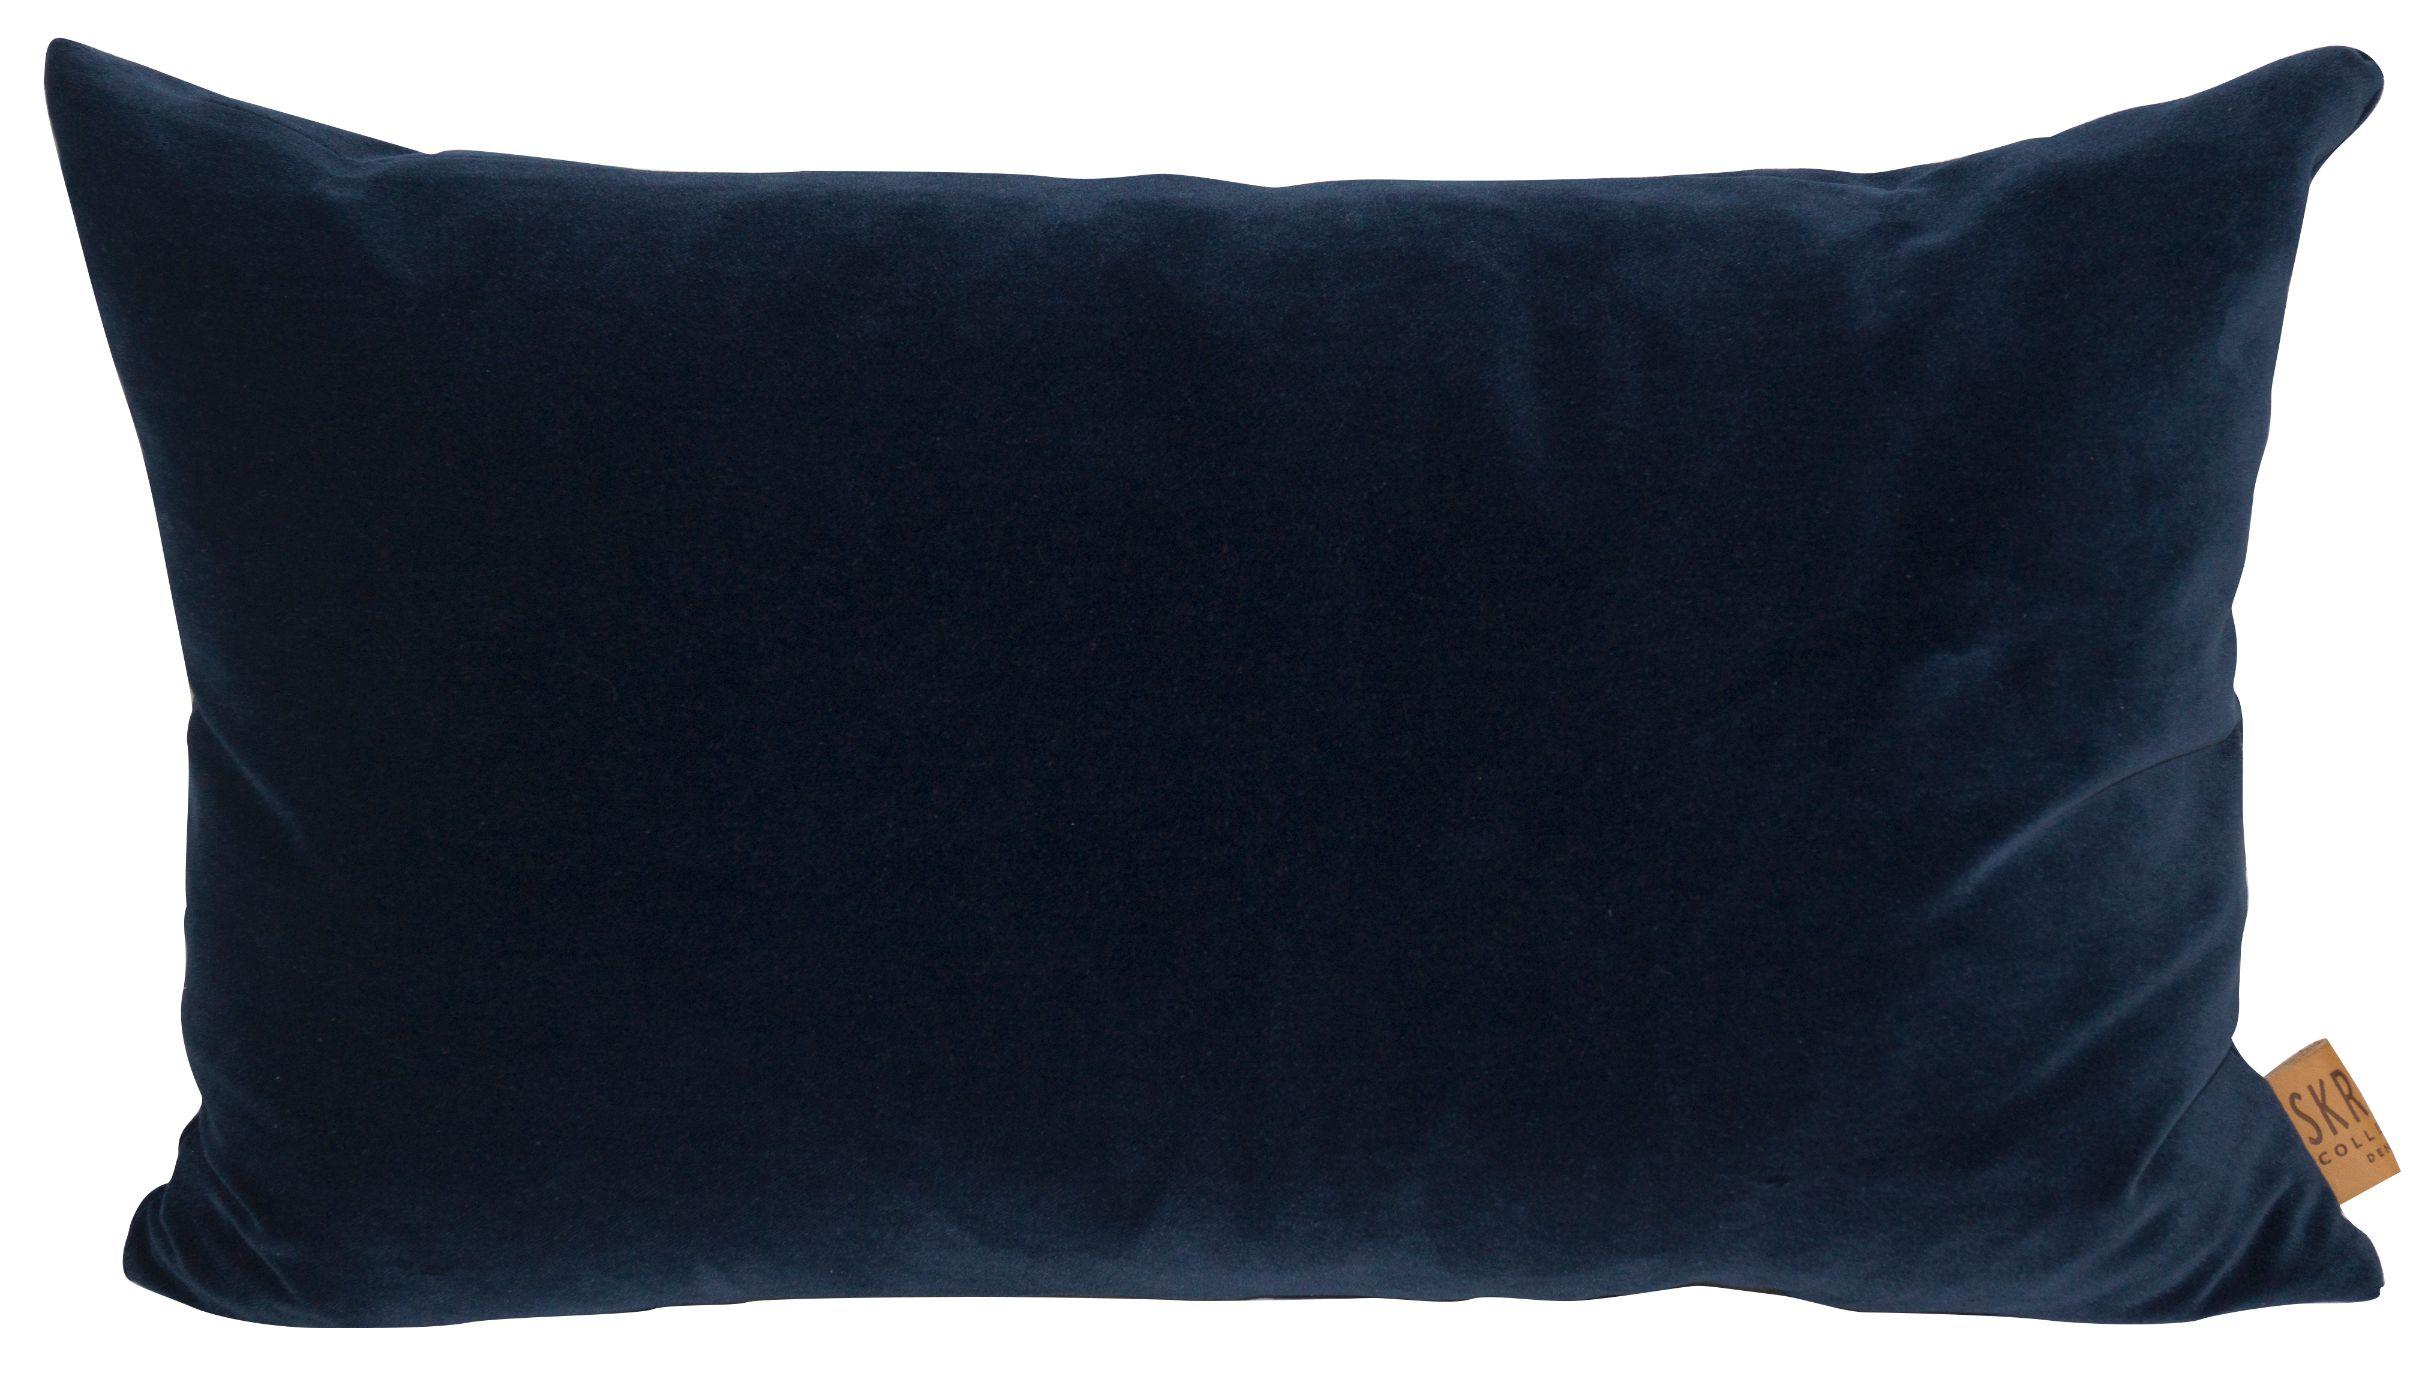 Skriver City Velvet pude, 40x60 cm